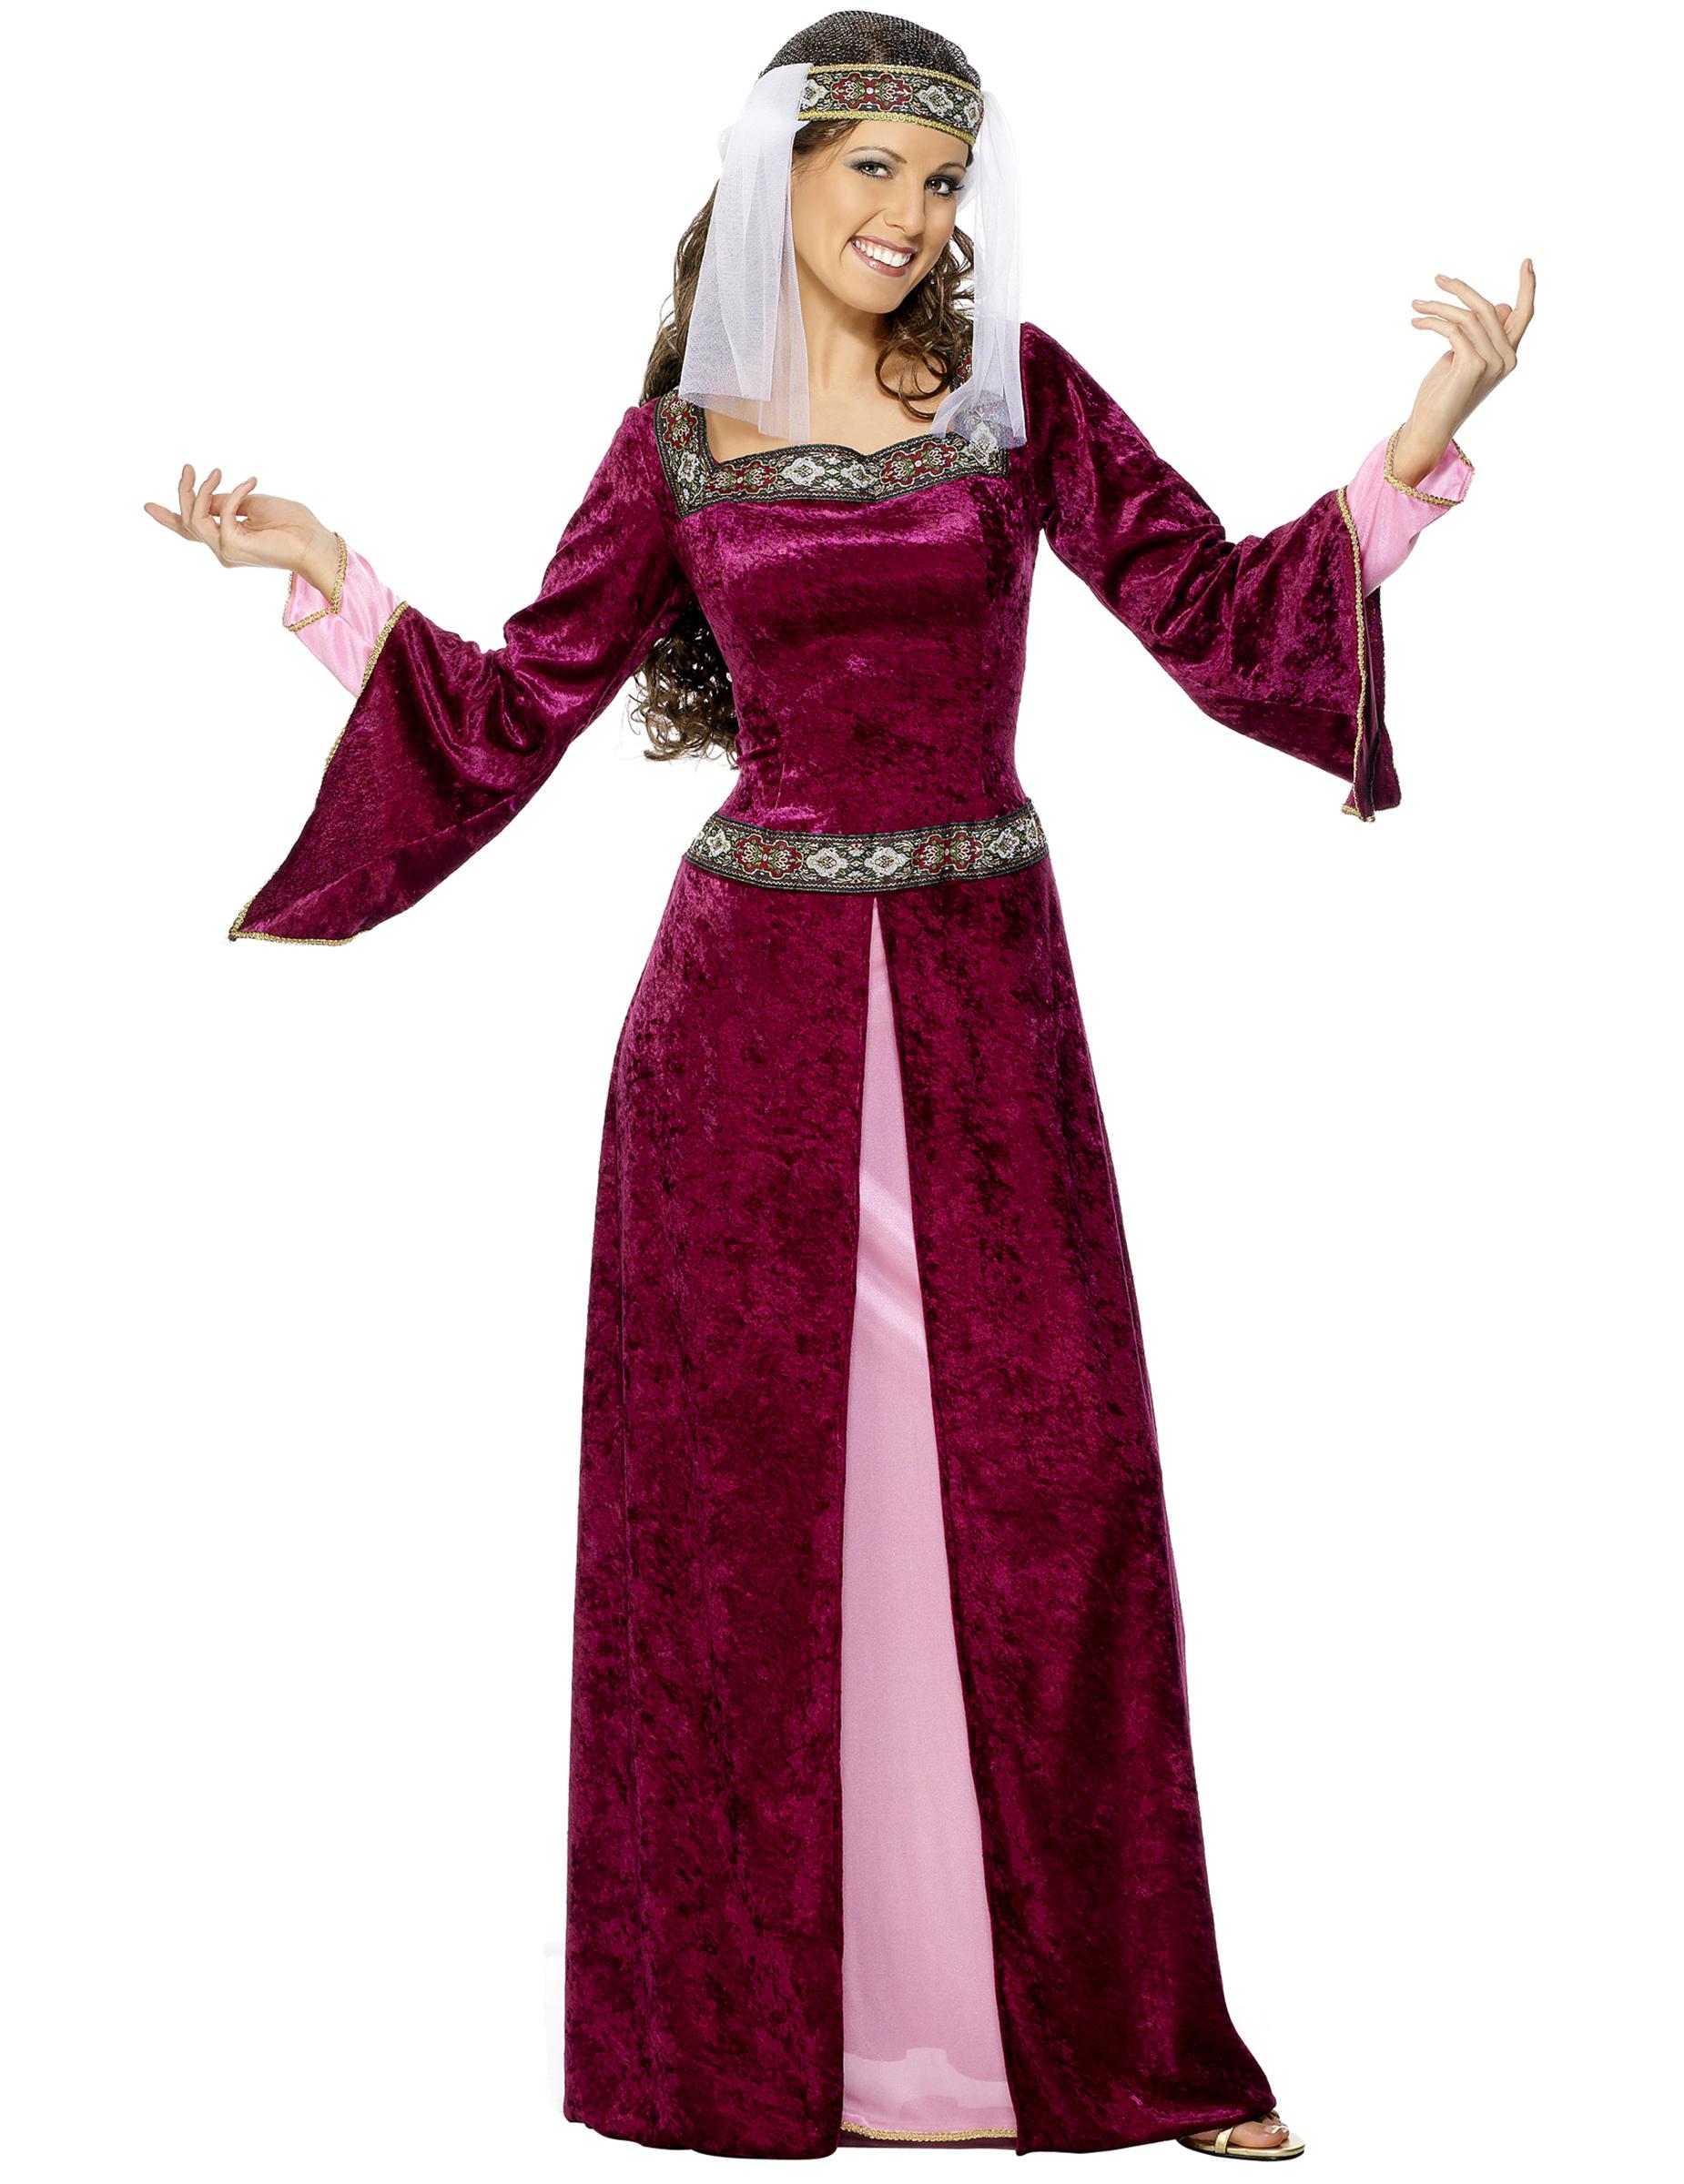 Costume médiéval et tenues du Moyen Age pour homme et femme - Deguisetoi 6928af182b32